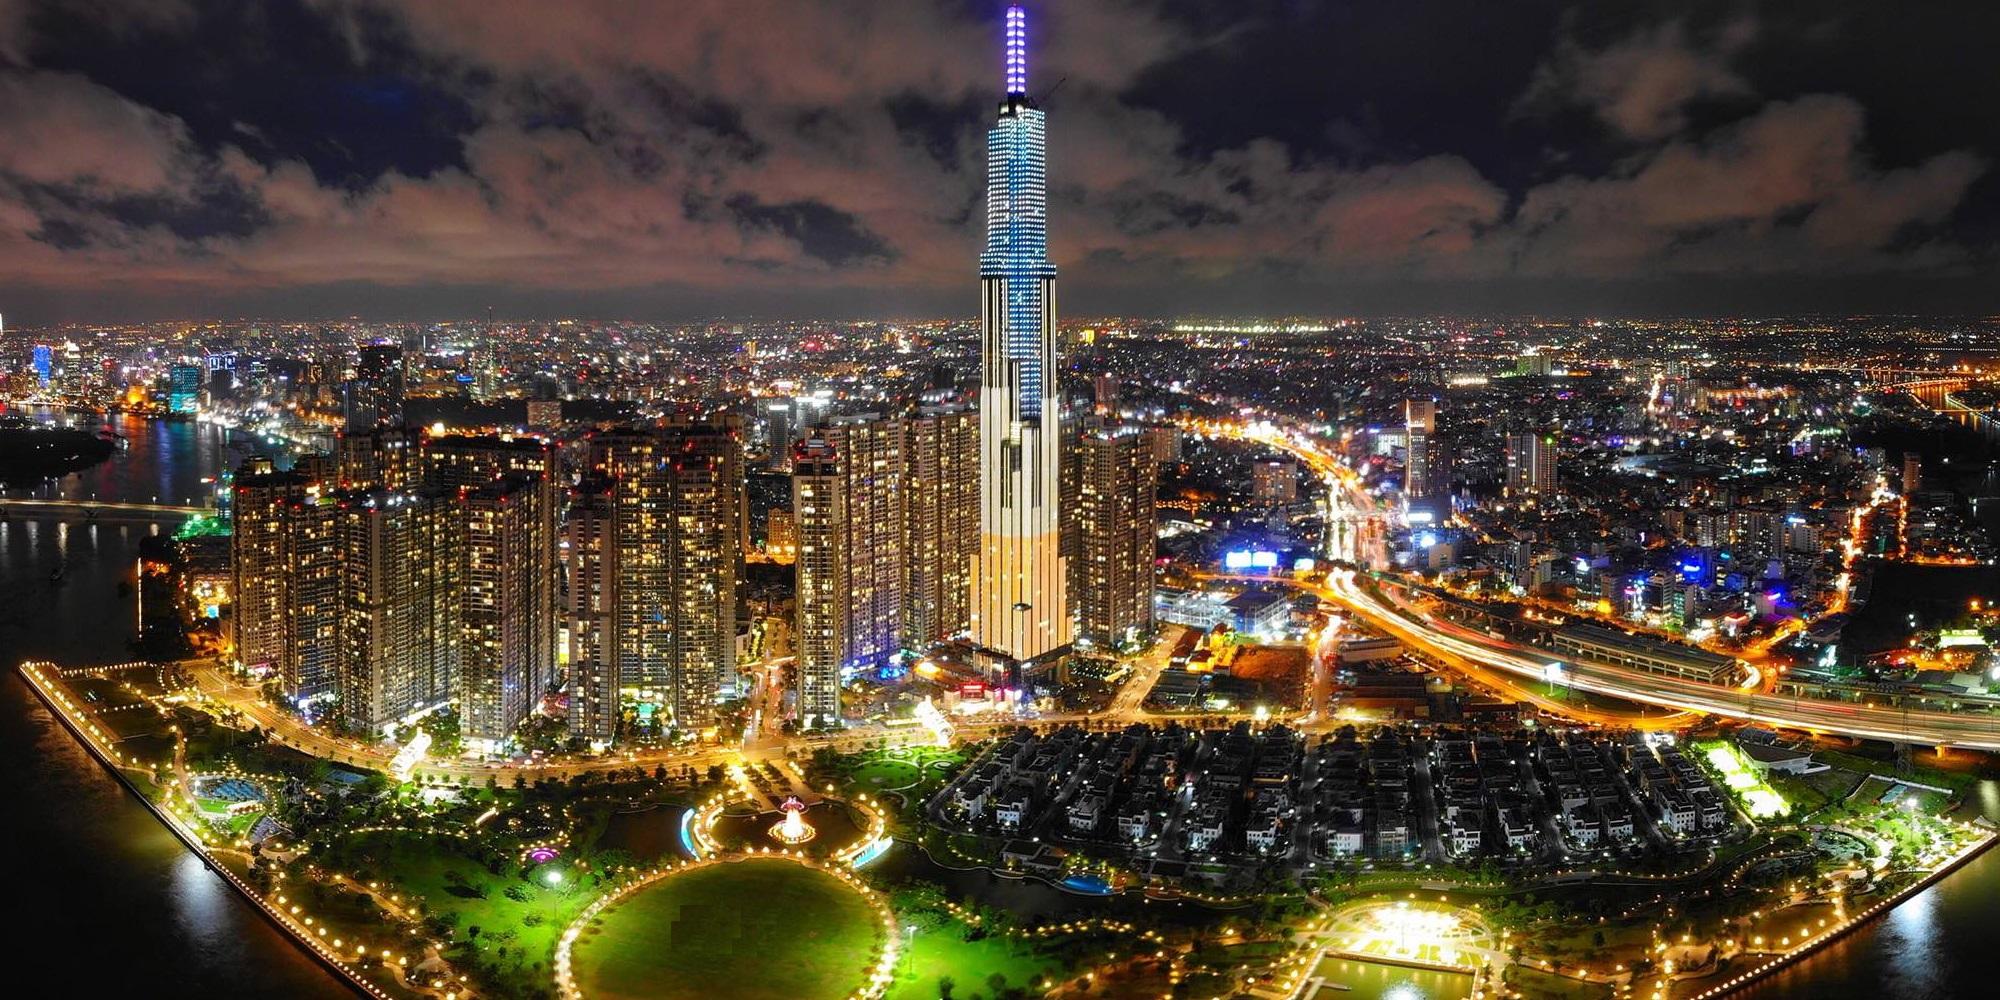 Cho thuê chung cư quận Bình Thạnh - Top #7 căn hộ Nên Thuê